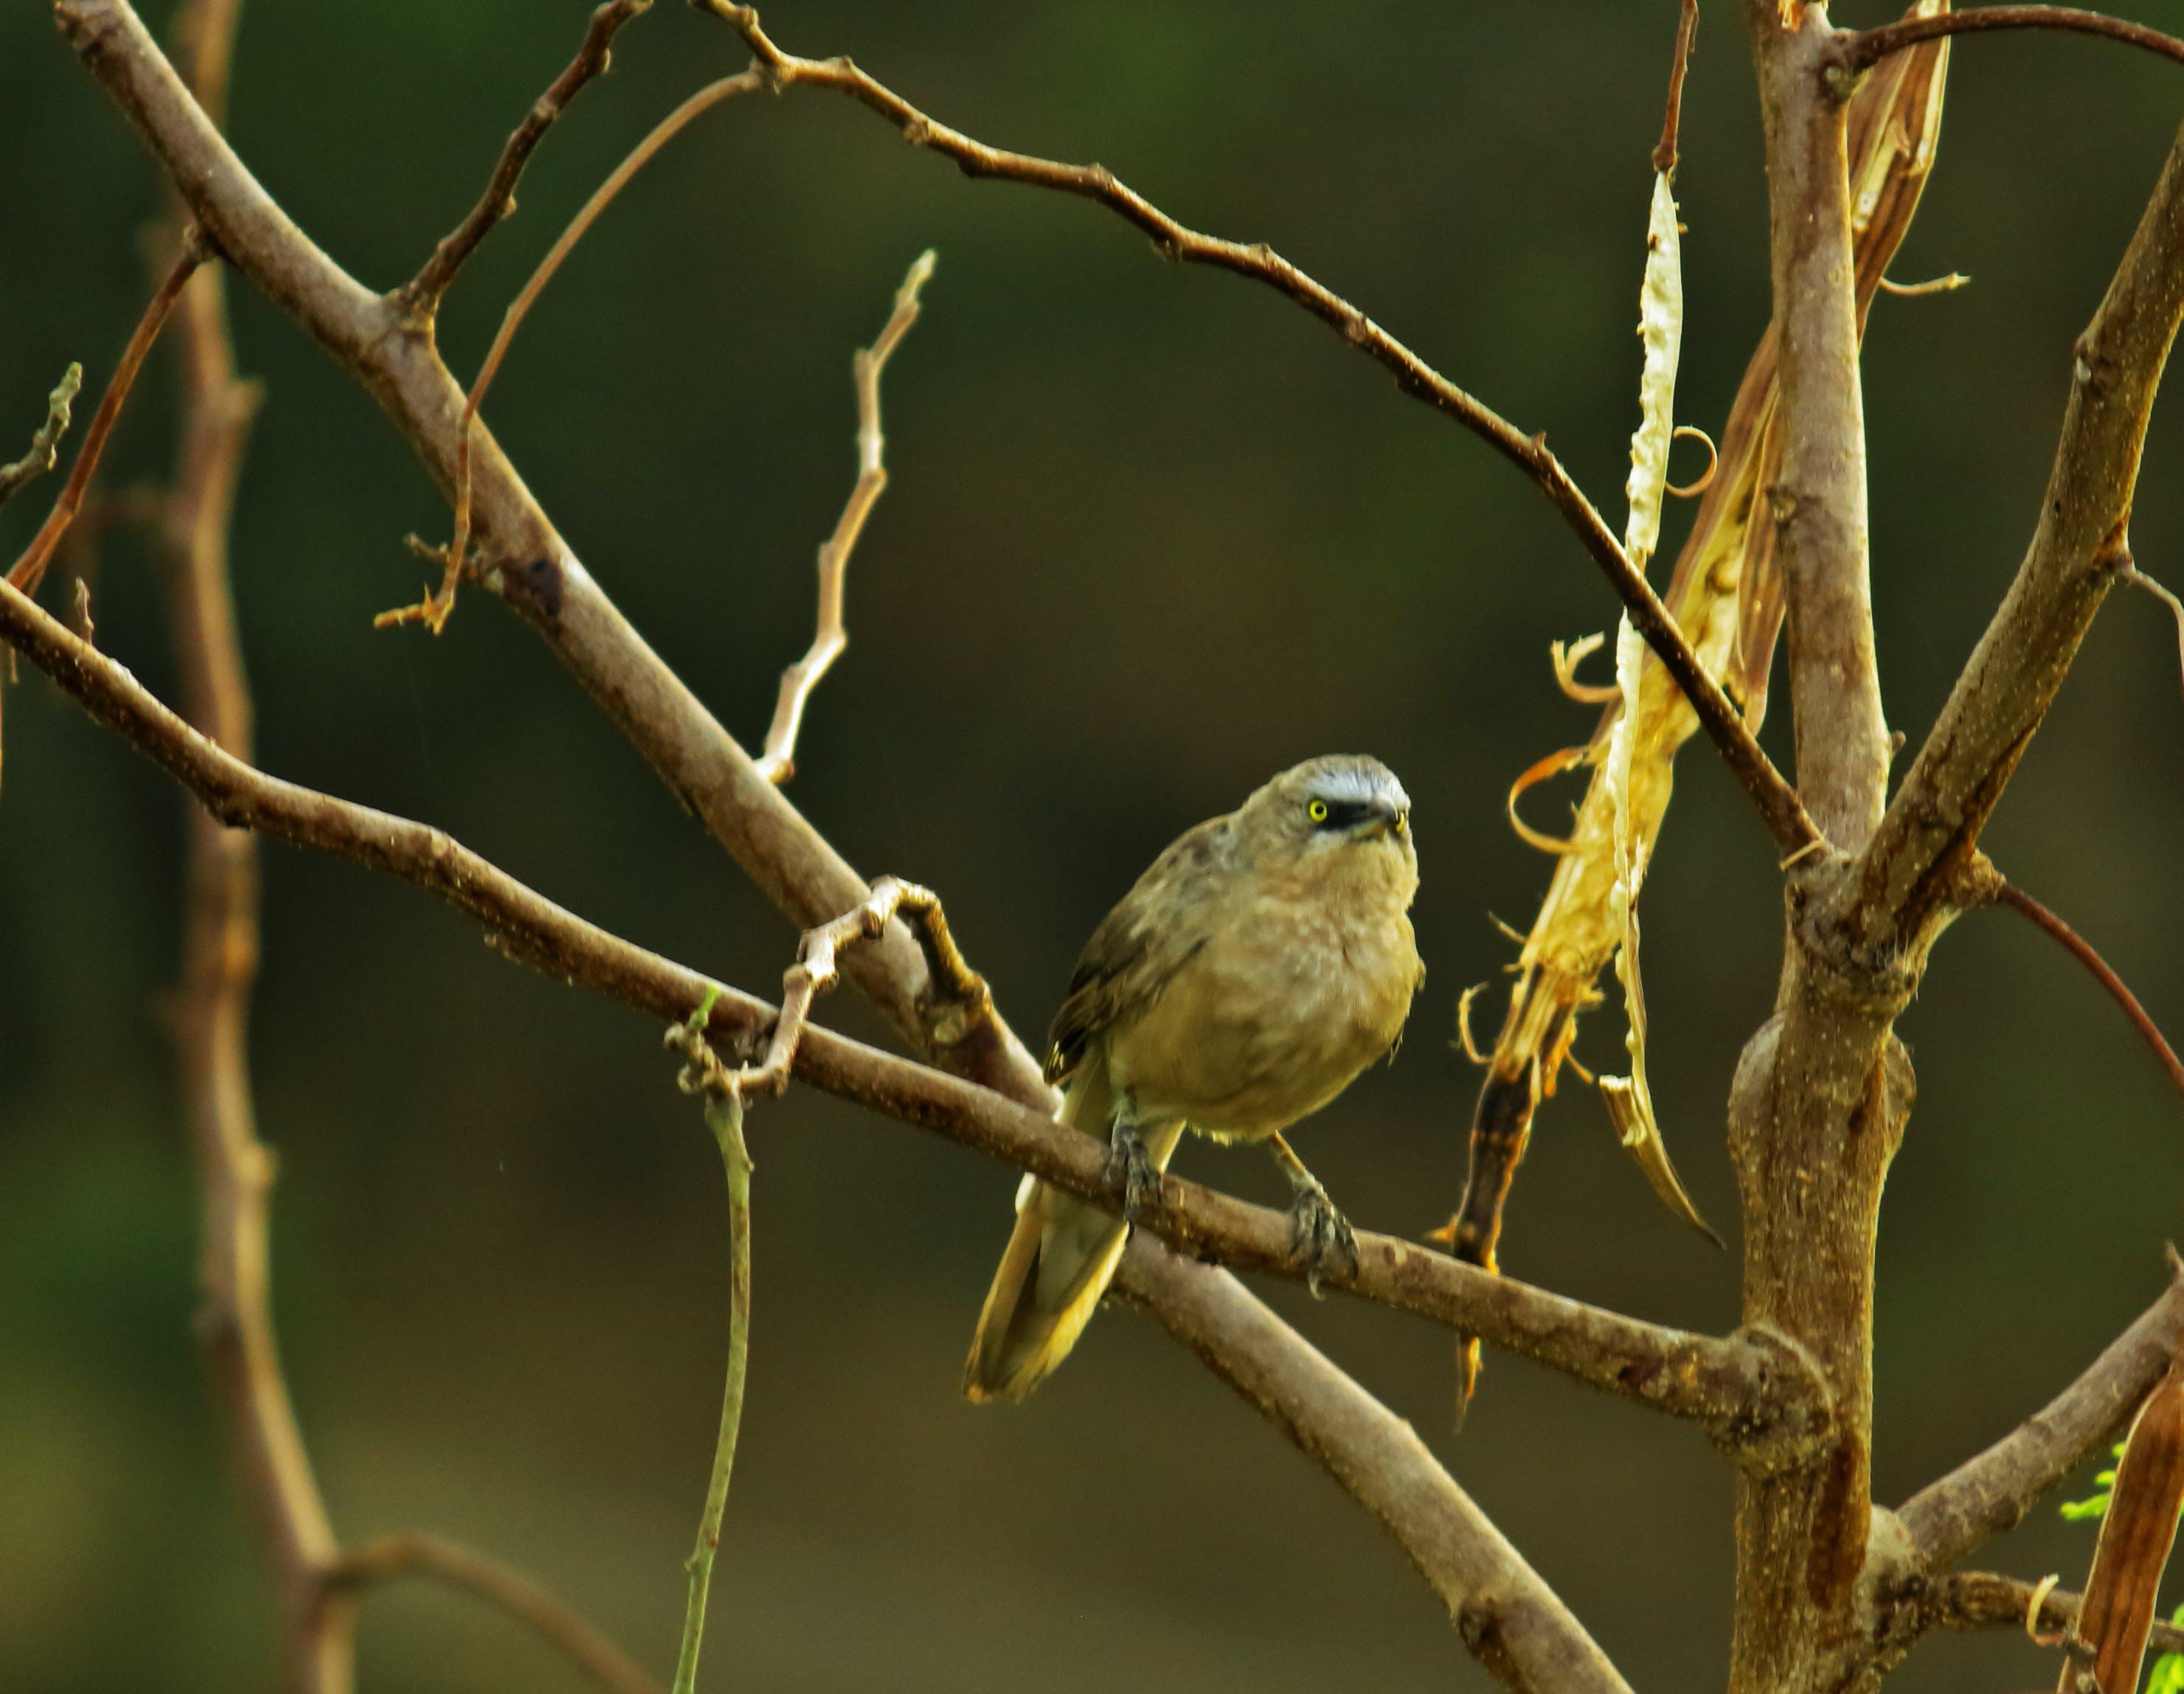 Gratis stockfoto met #your_best_birds #bird #birds #birdsofinstagram #b